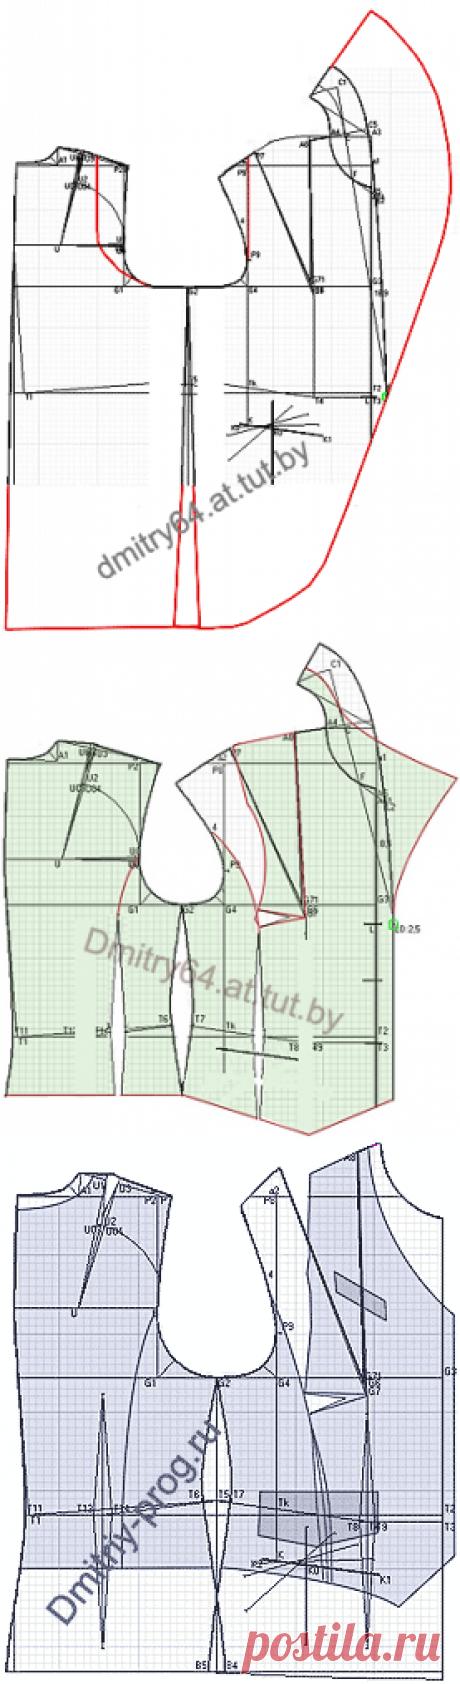 """Примеры моделей жилетов разработанных на основах рассчитанных в программе """"Закройщик"""""""